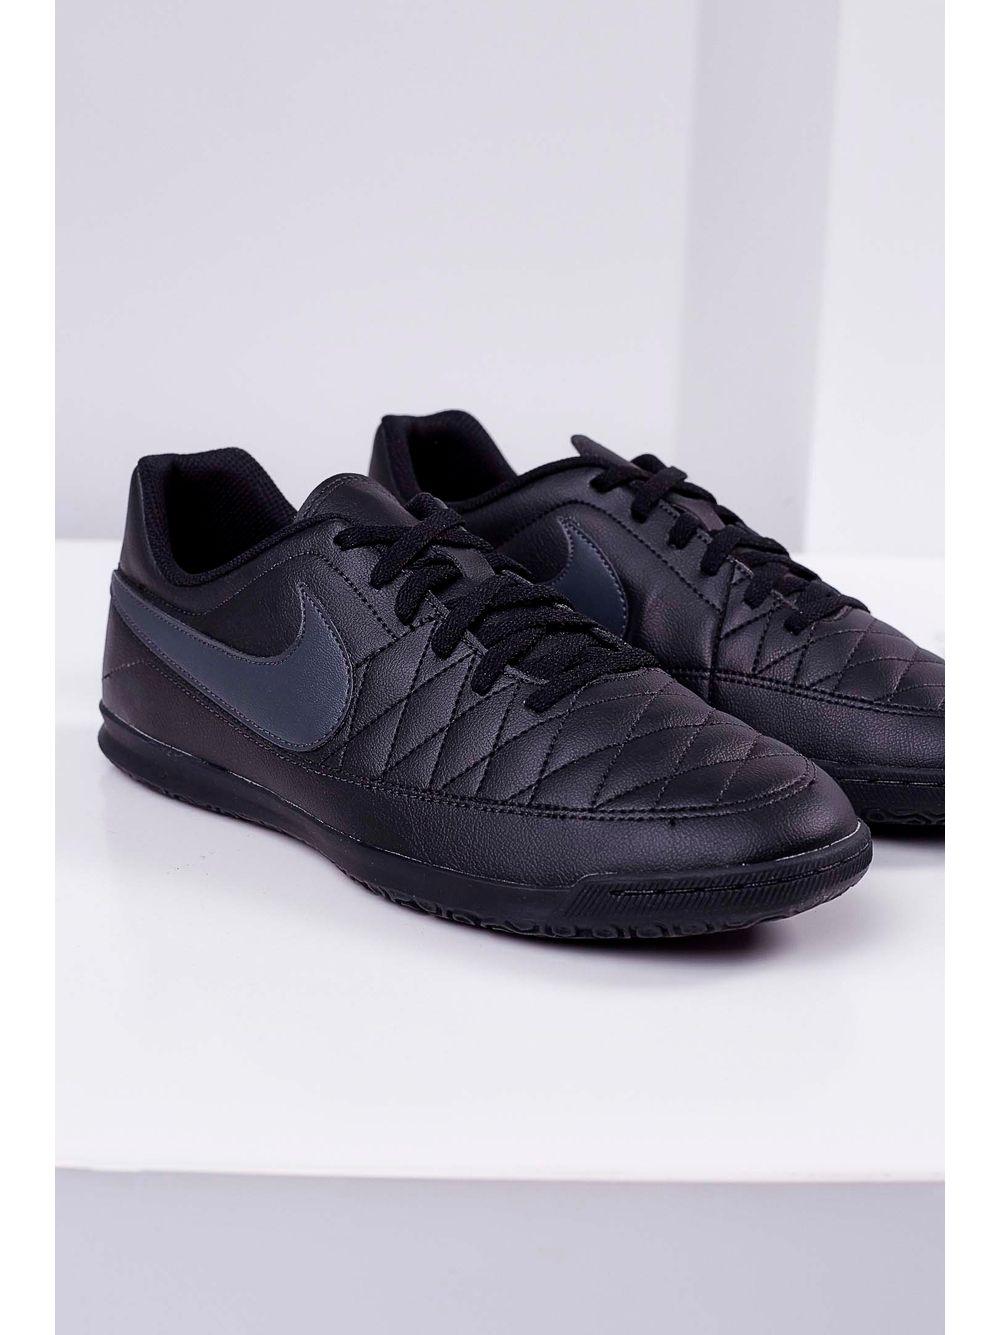 Tênis Futsal Nike Aq7898-001 Majestry Preto - pittol 811fb093ac7a5